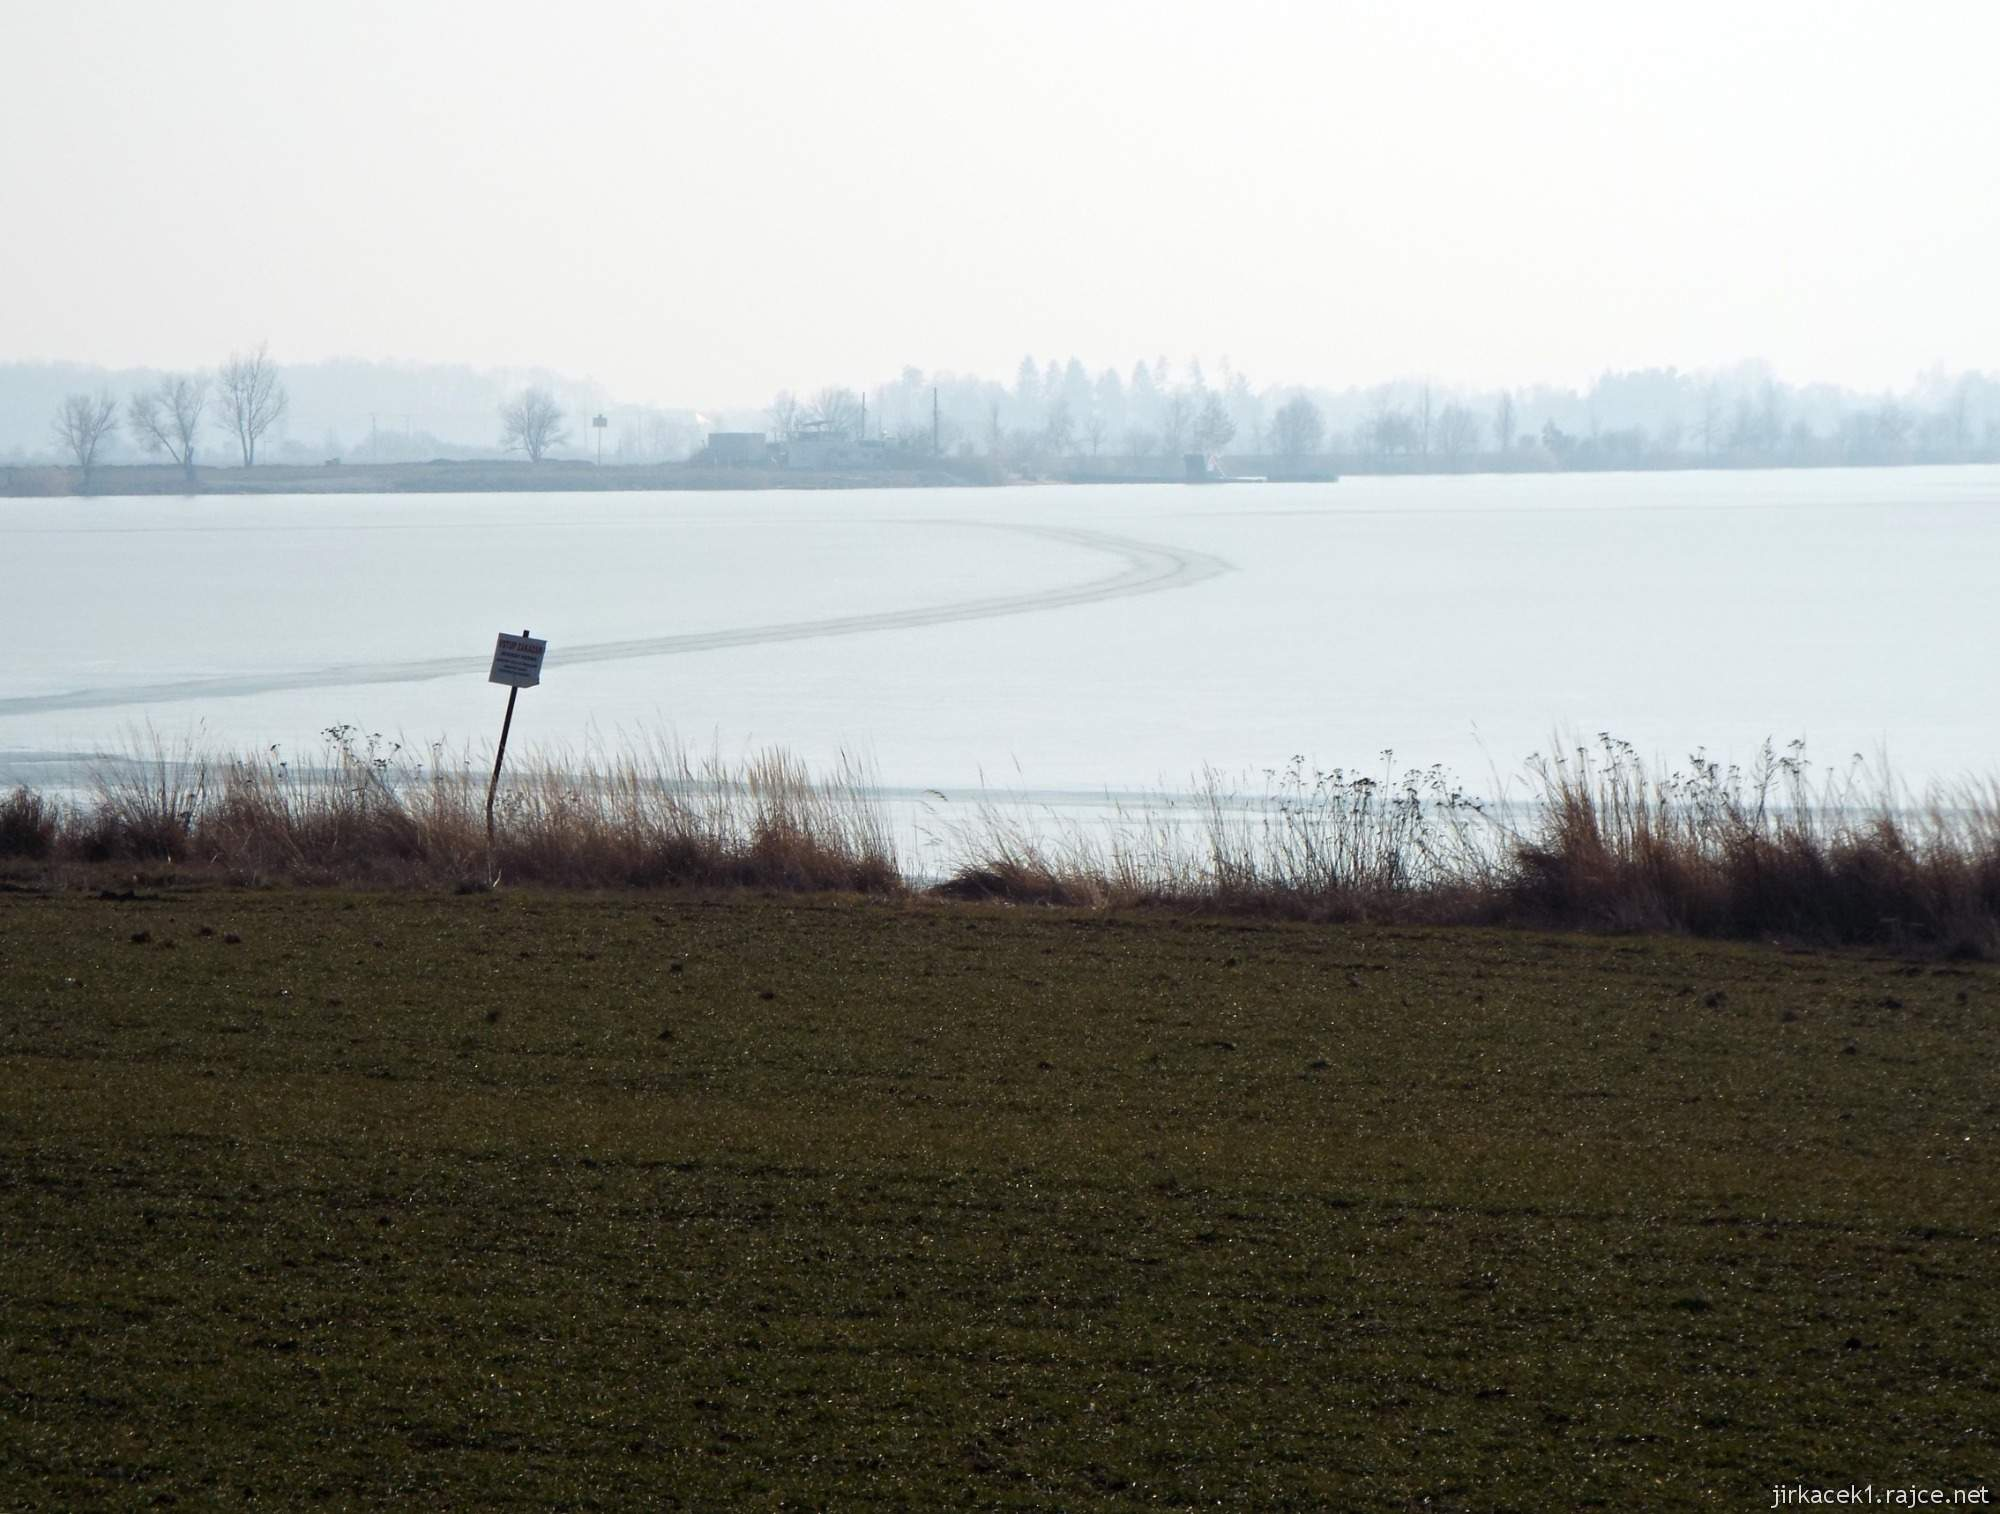 esta mezi Březové a Lhotou - zamrzlé vody pískovny Náklo a stopy po jízdě autem na ledě